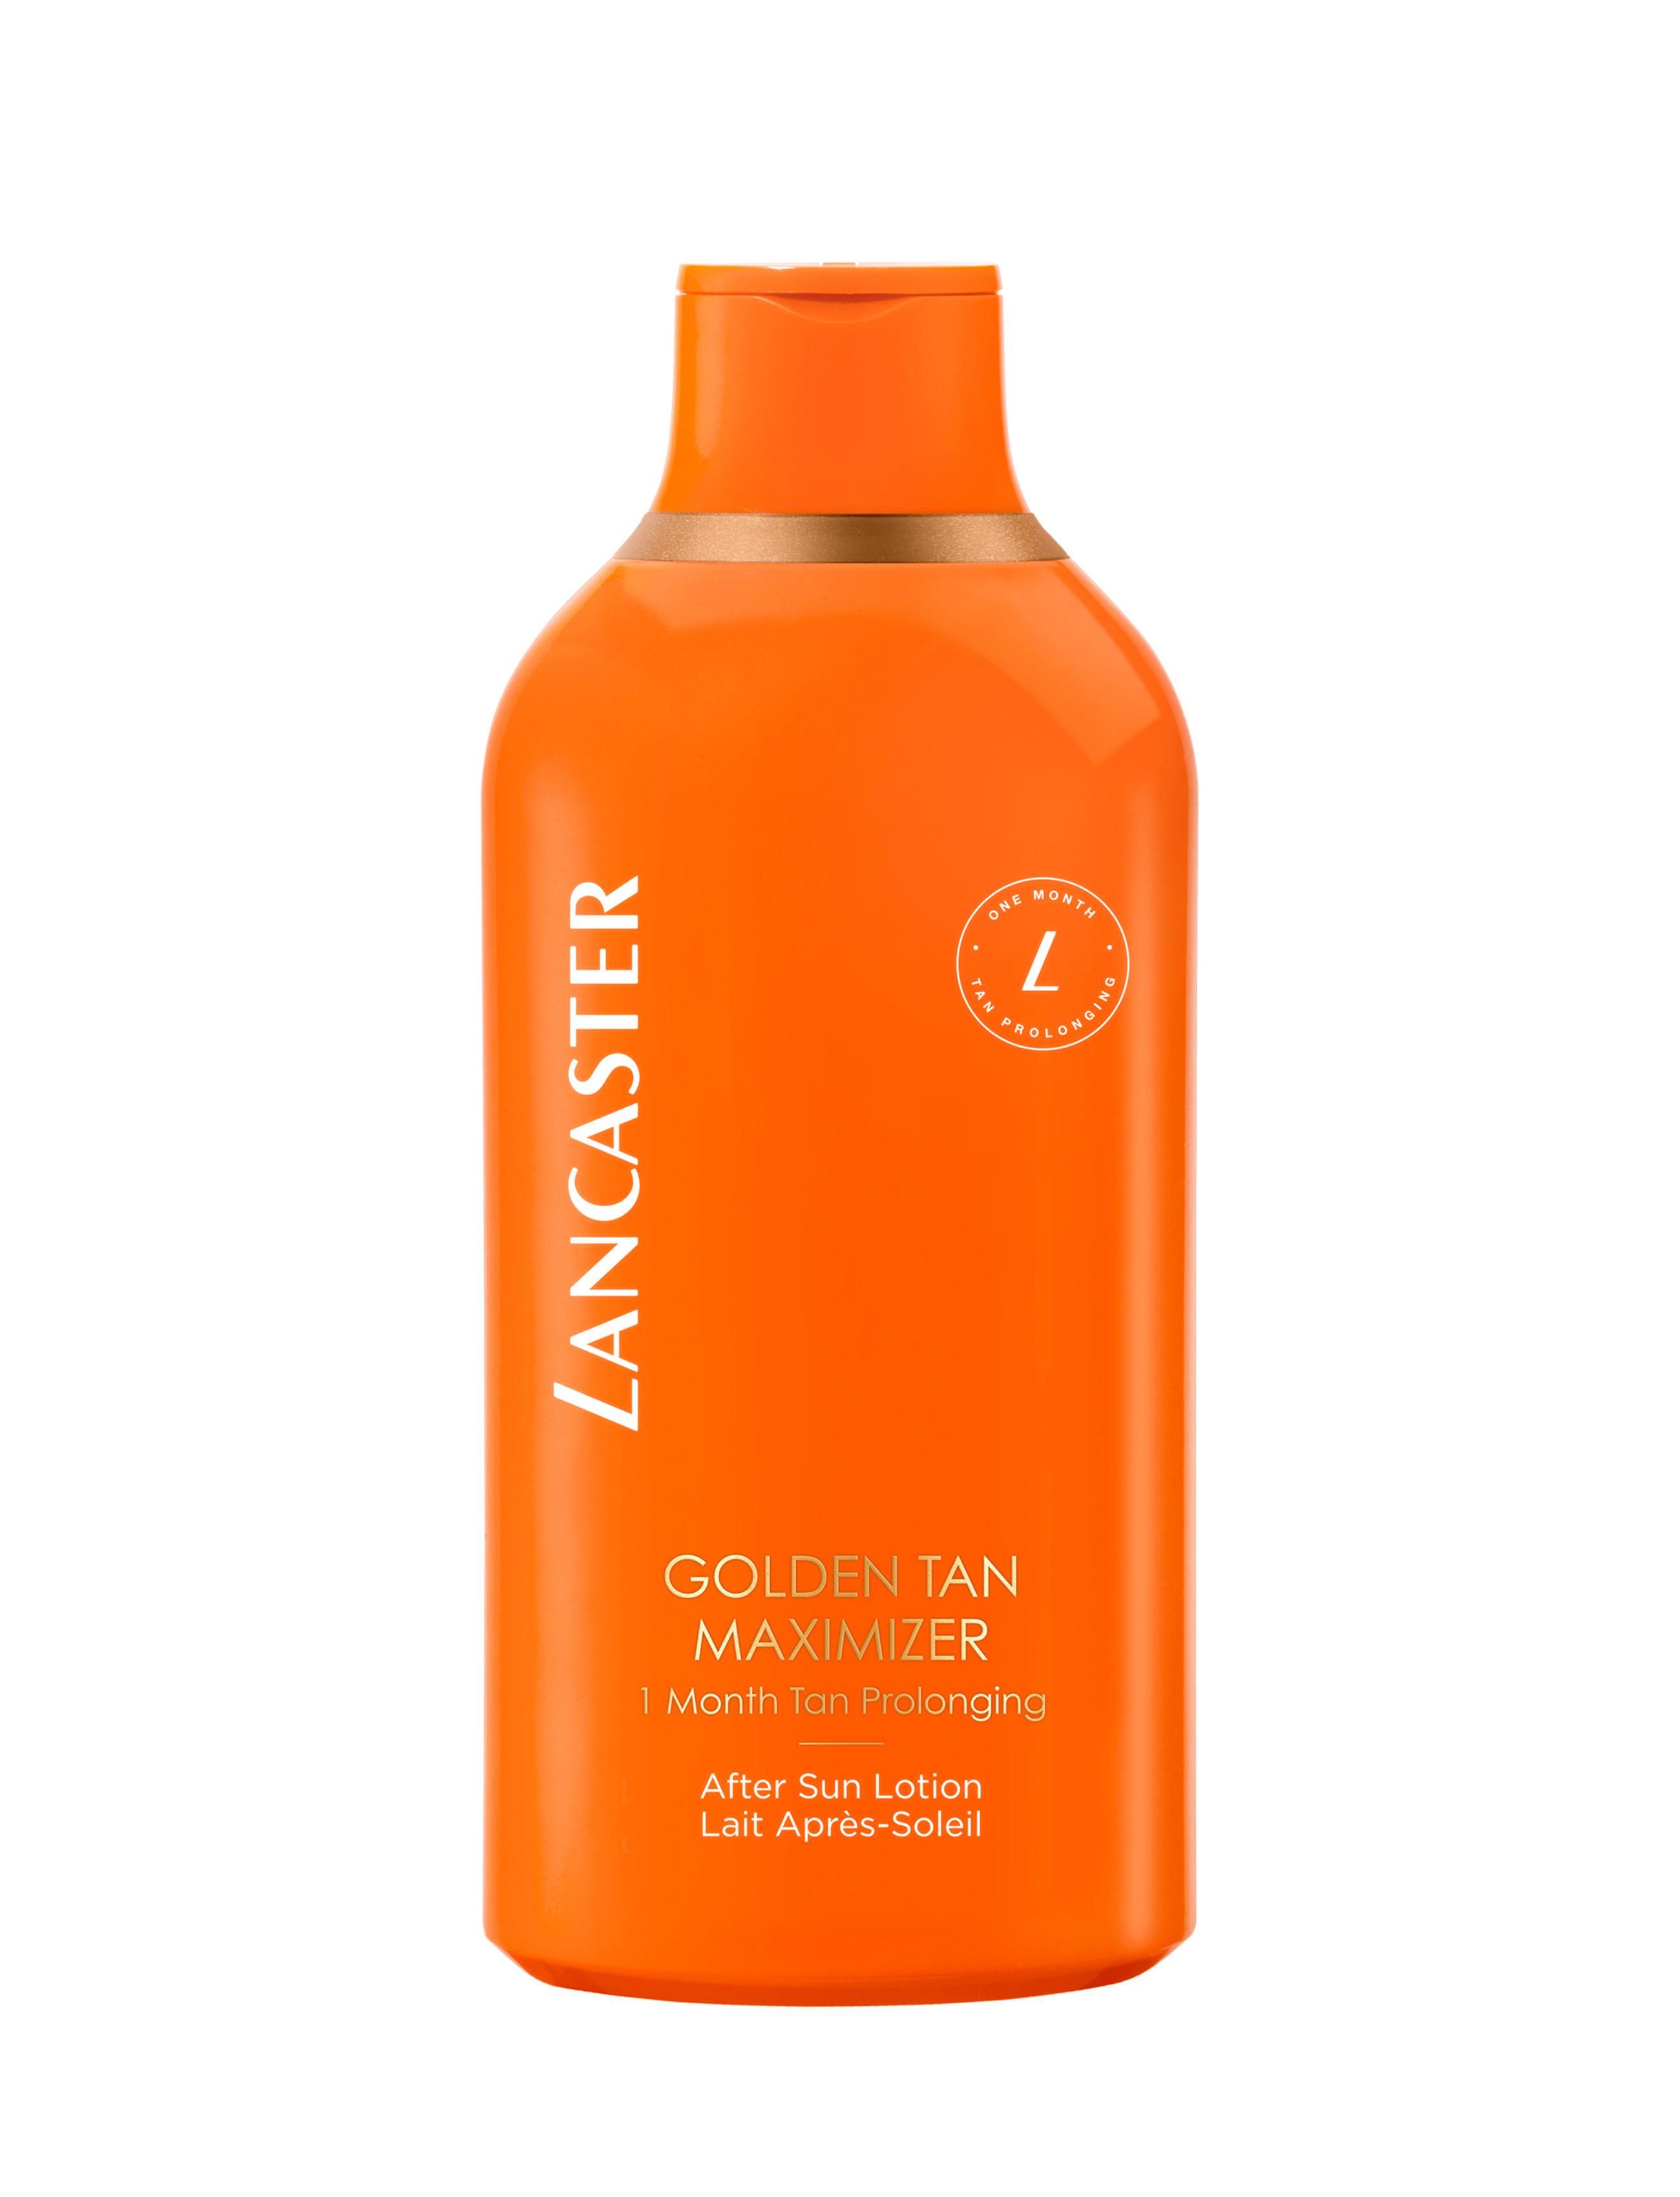 Lancaster After Sun Lotion Golden Tan Maximizer